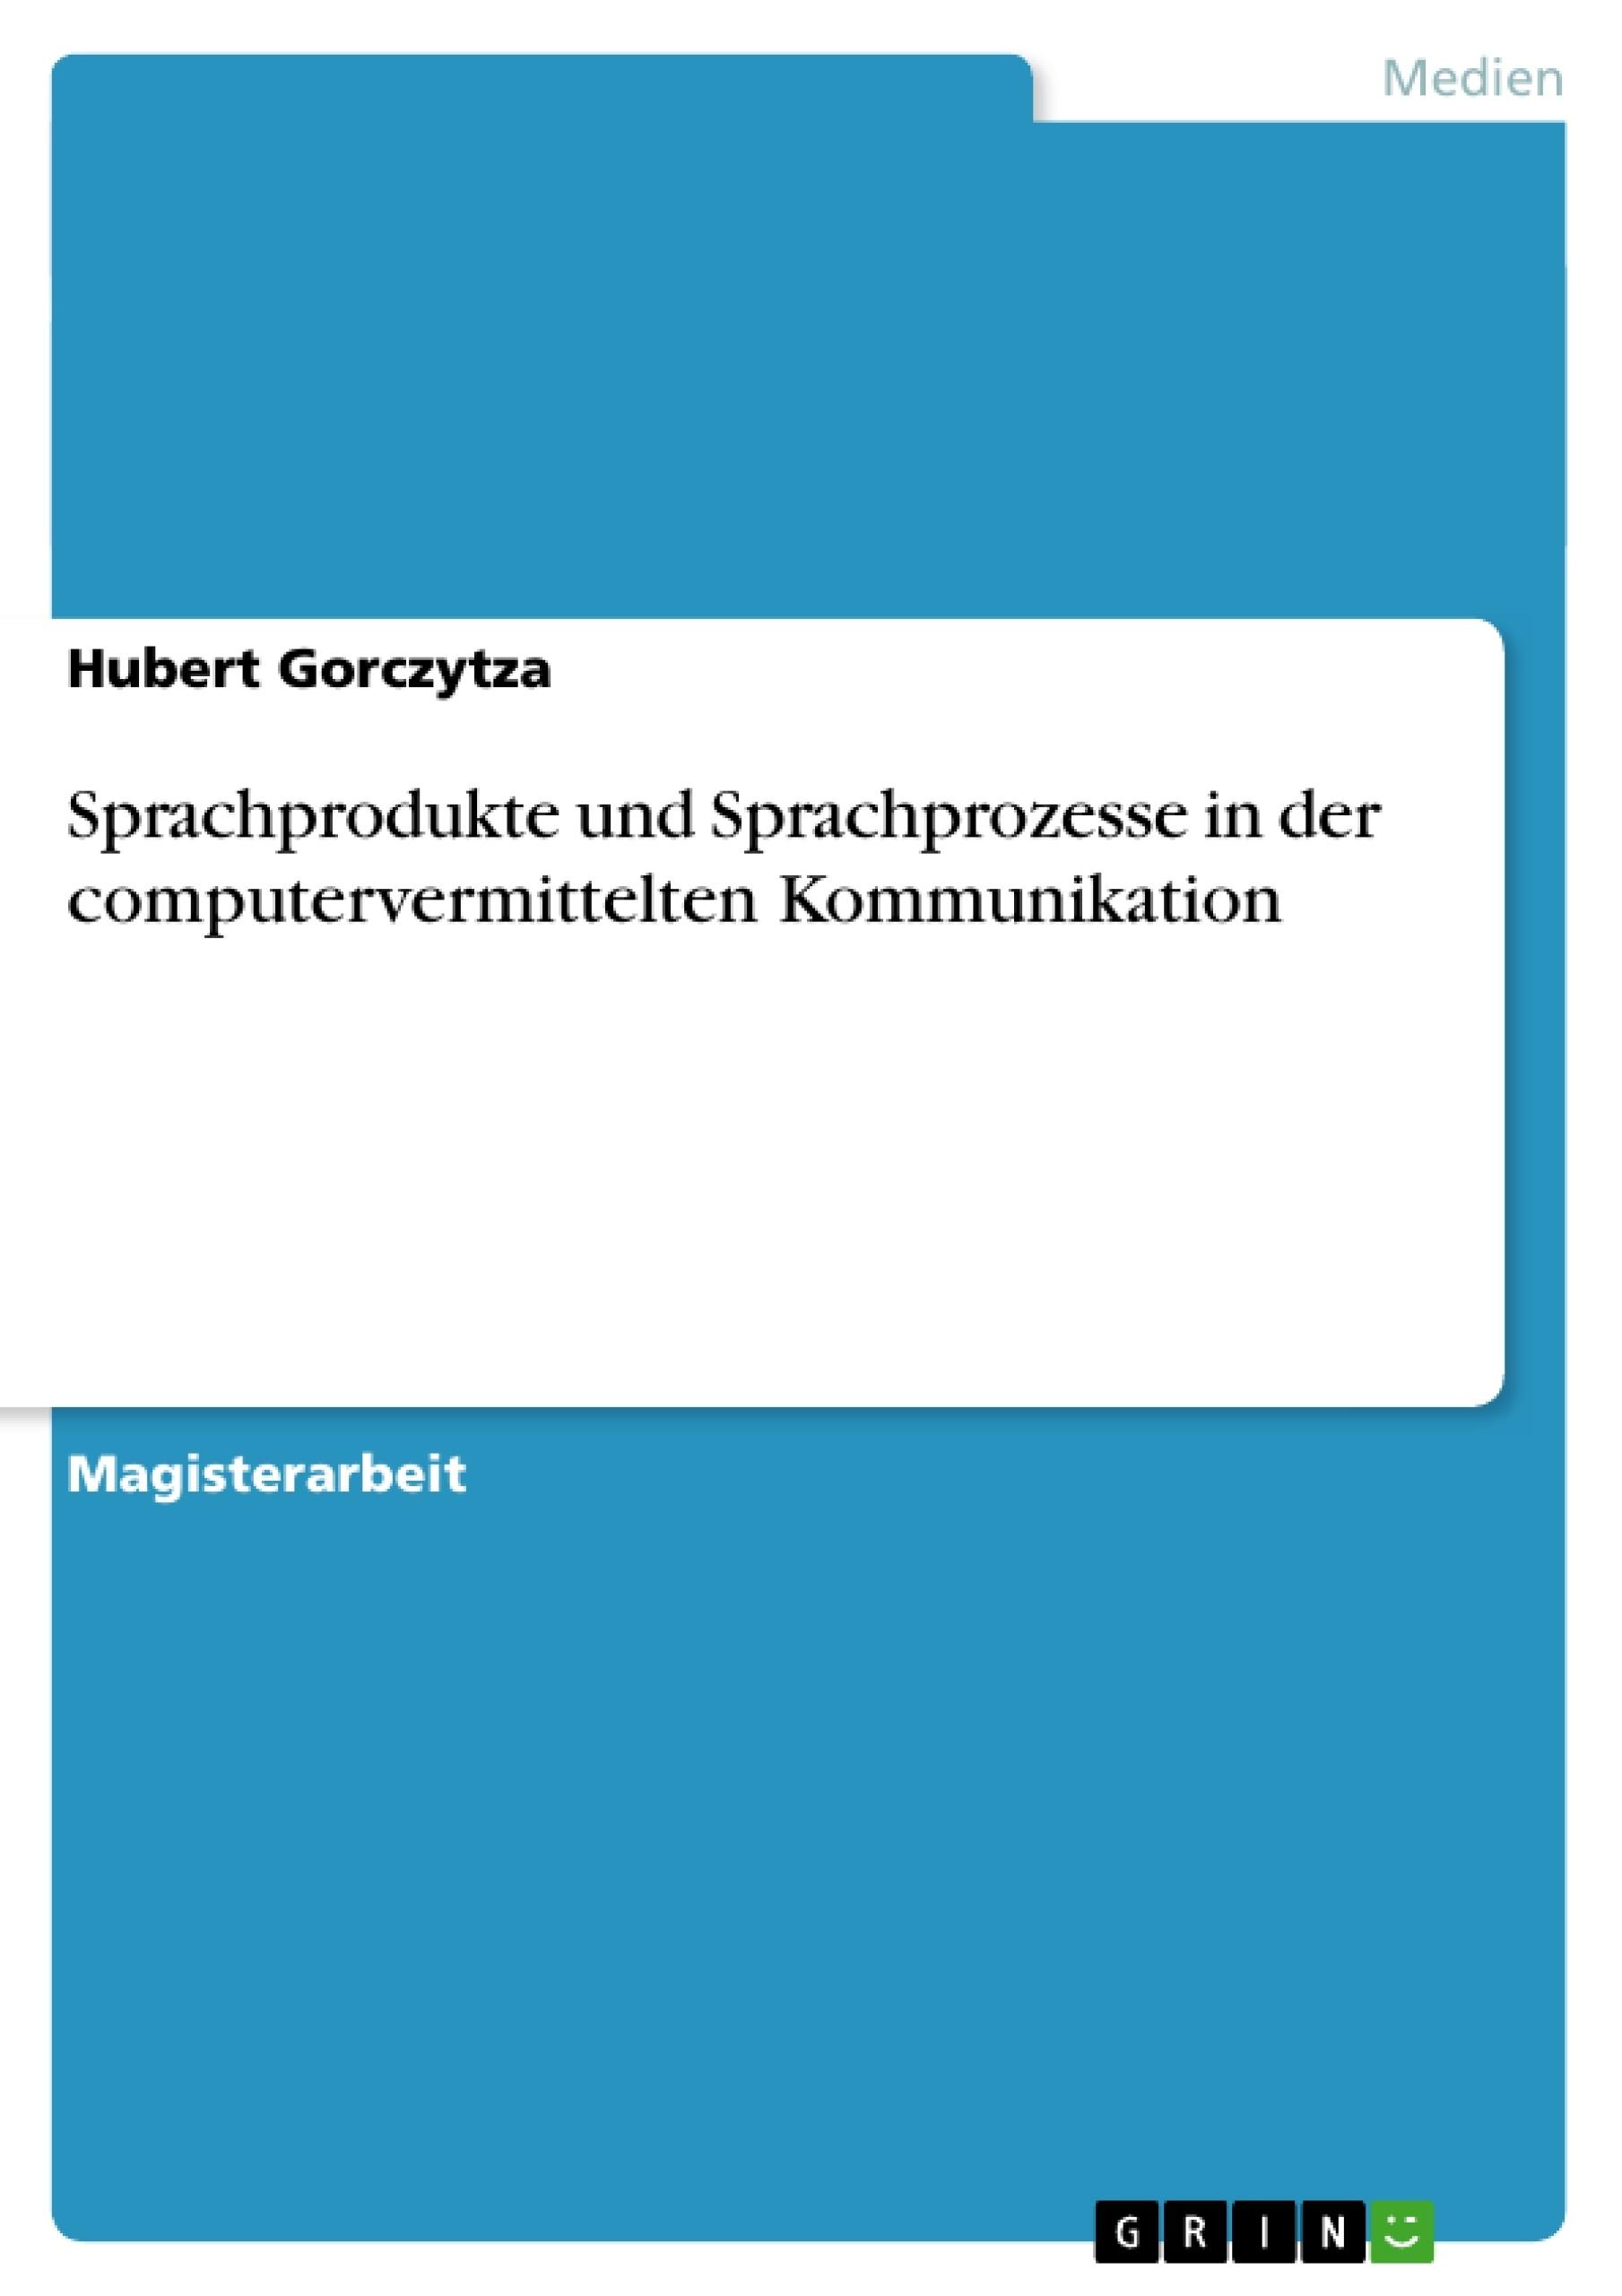 Titel: Sprachprodukte und Sprachprozesse in der computervermittelten Kommunikation